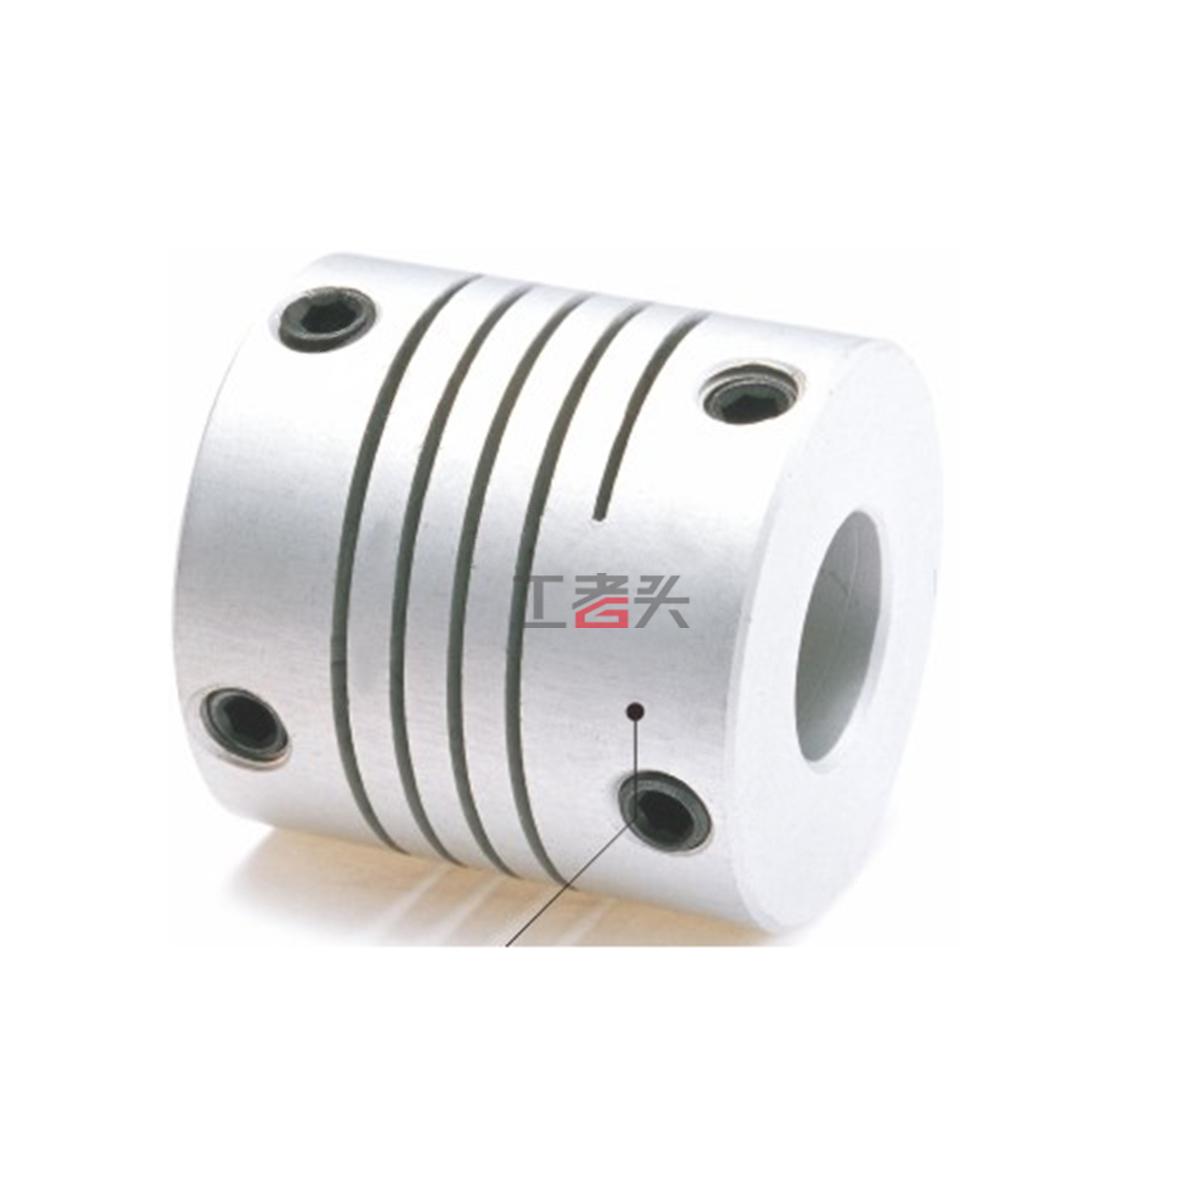 卡普菱 切缝联轴器SLK2-150-D1D2M